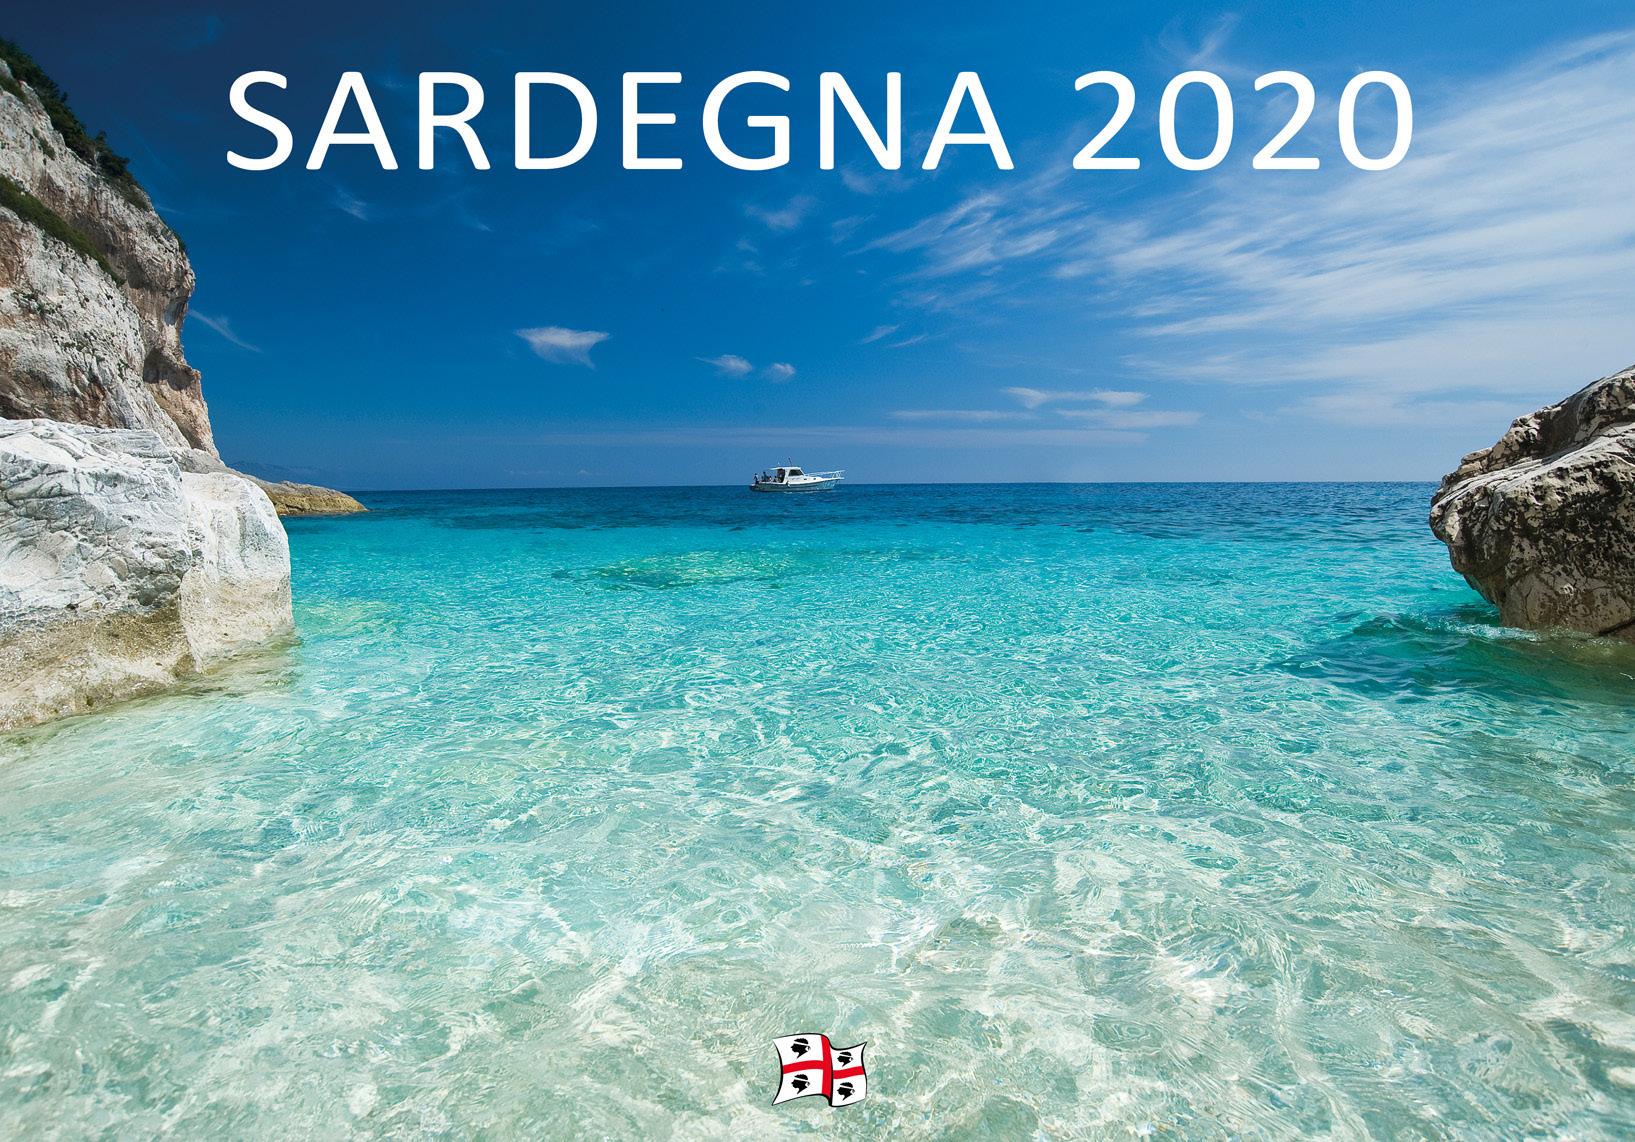 Calendario 2020 Da Tavolo.Calendario Sardegna 2020 Da Tavolo